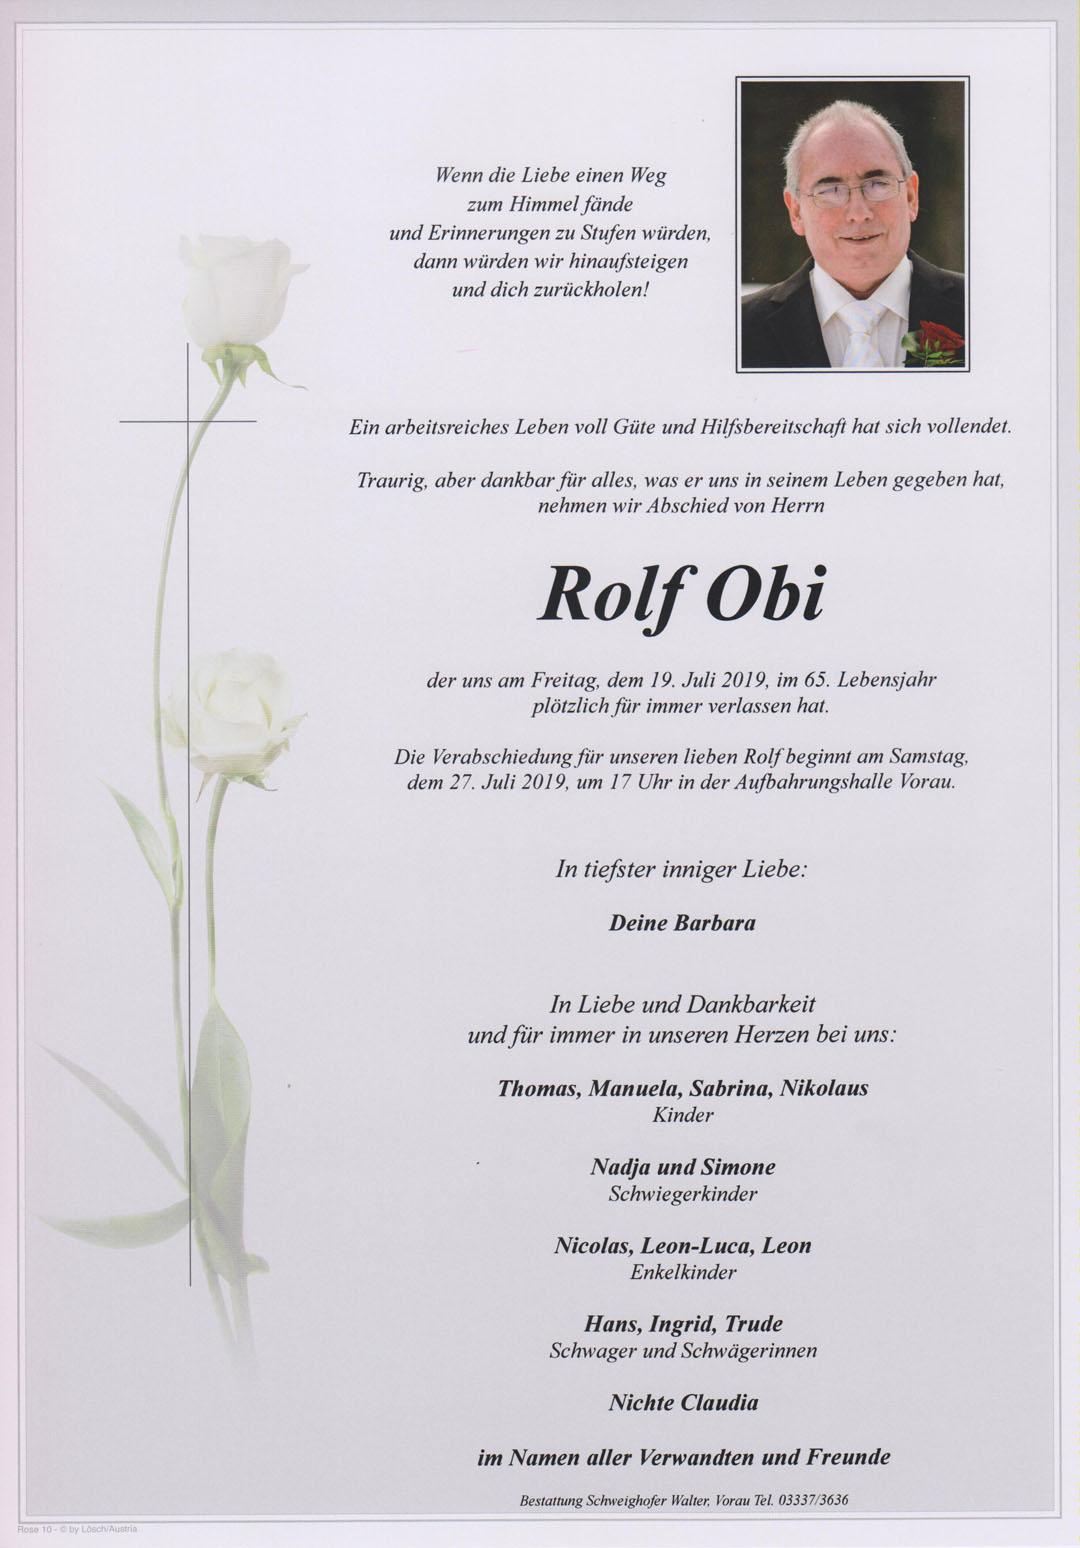 Rolf Obi